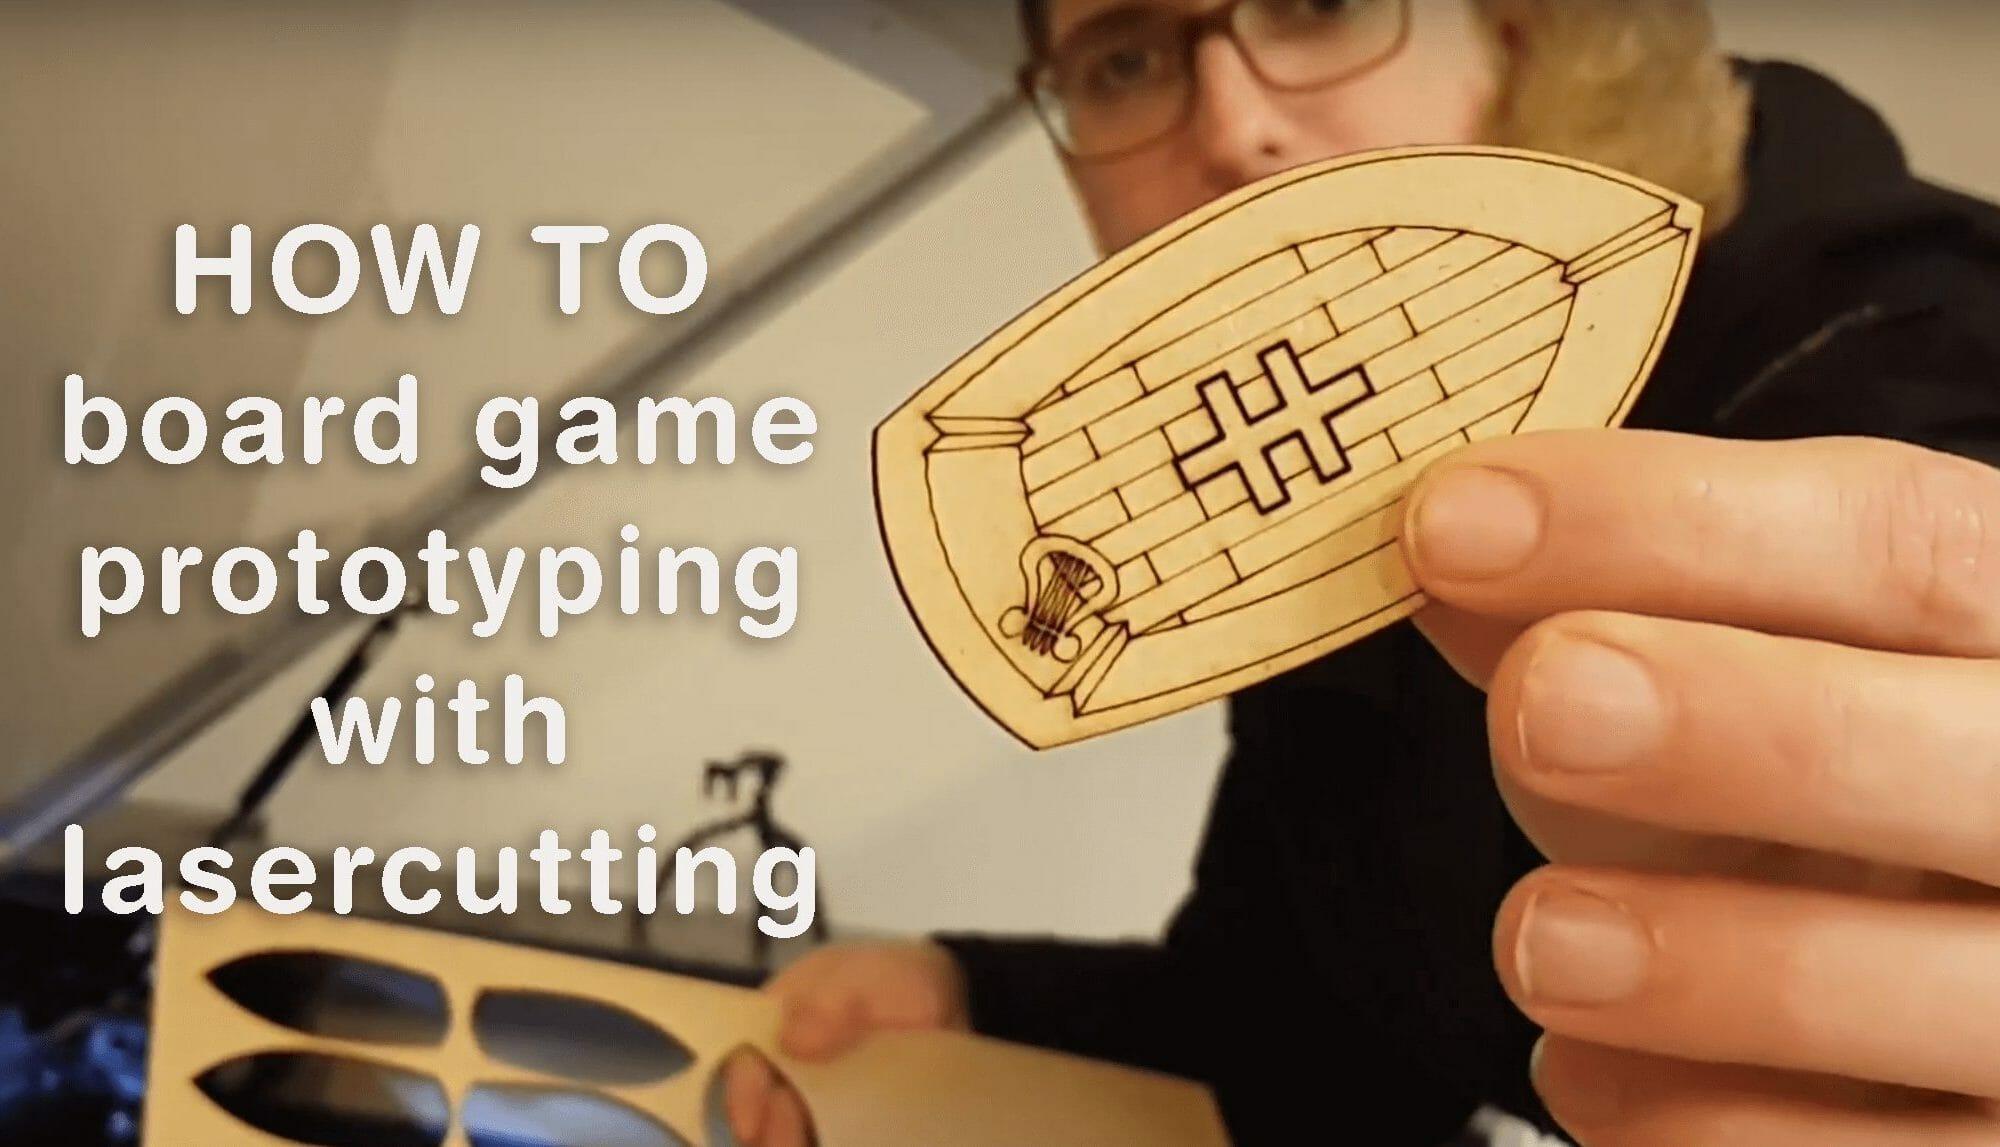 lasercutting board game prototyping